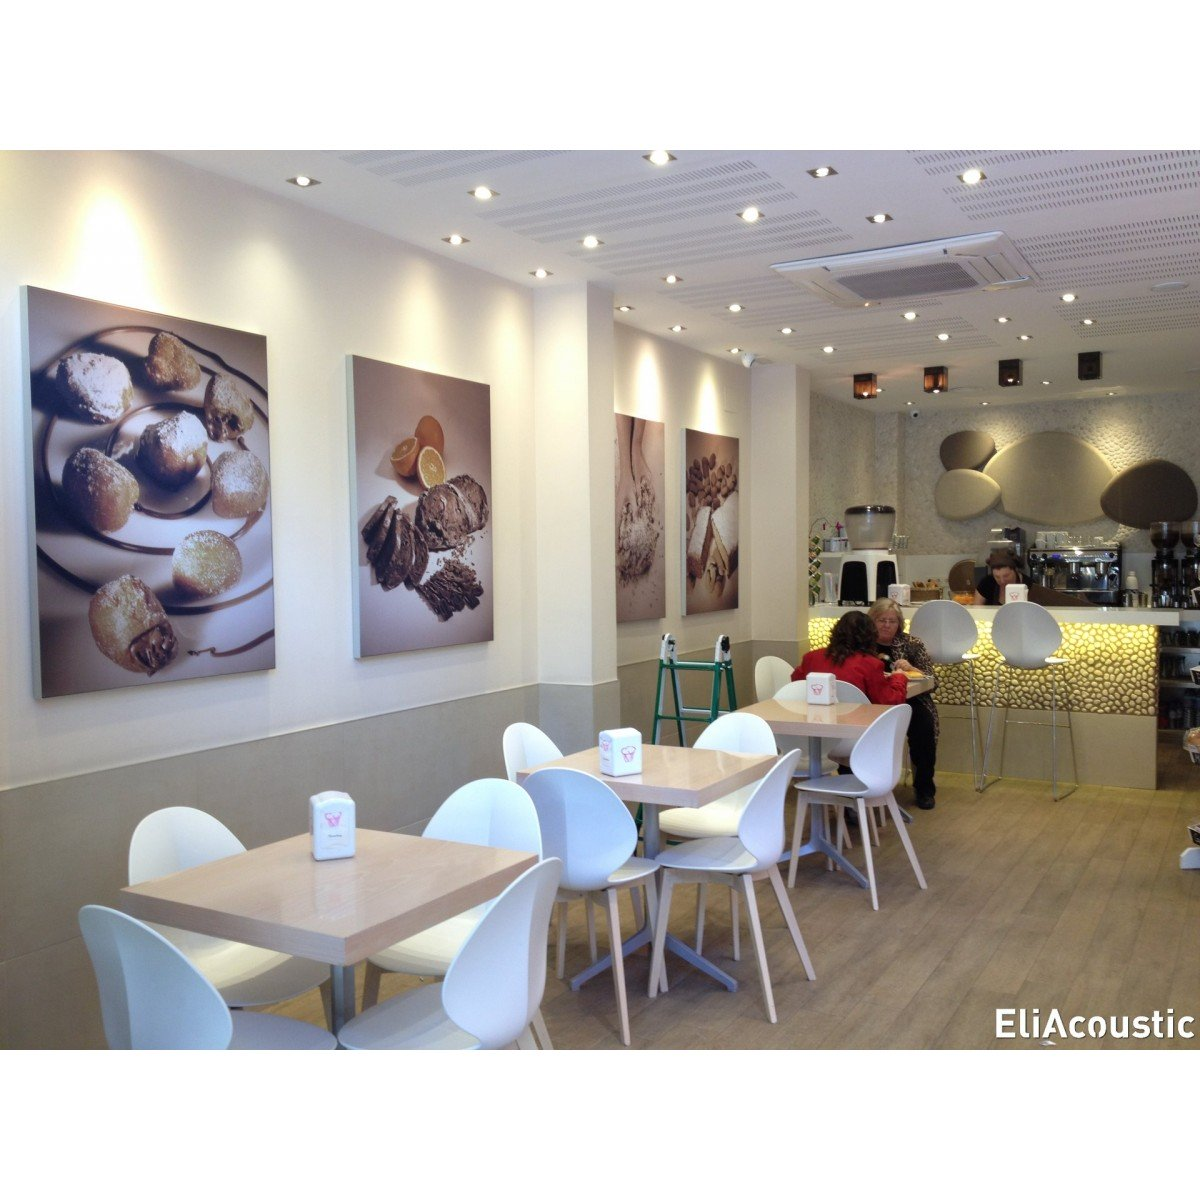 Cuadro Acustico fonoabsorbente para reducir ruido en oficinas, cafeterías, halls, restaurantes...